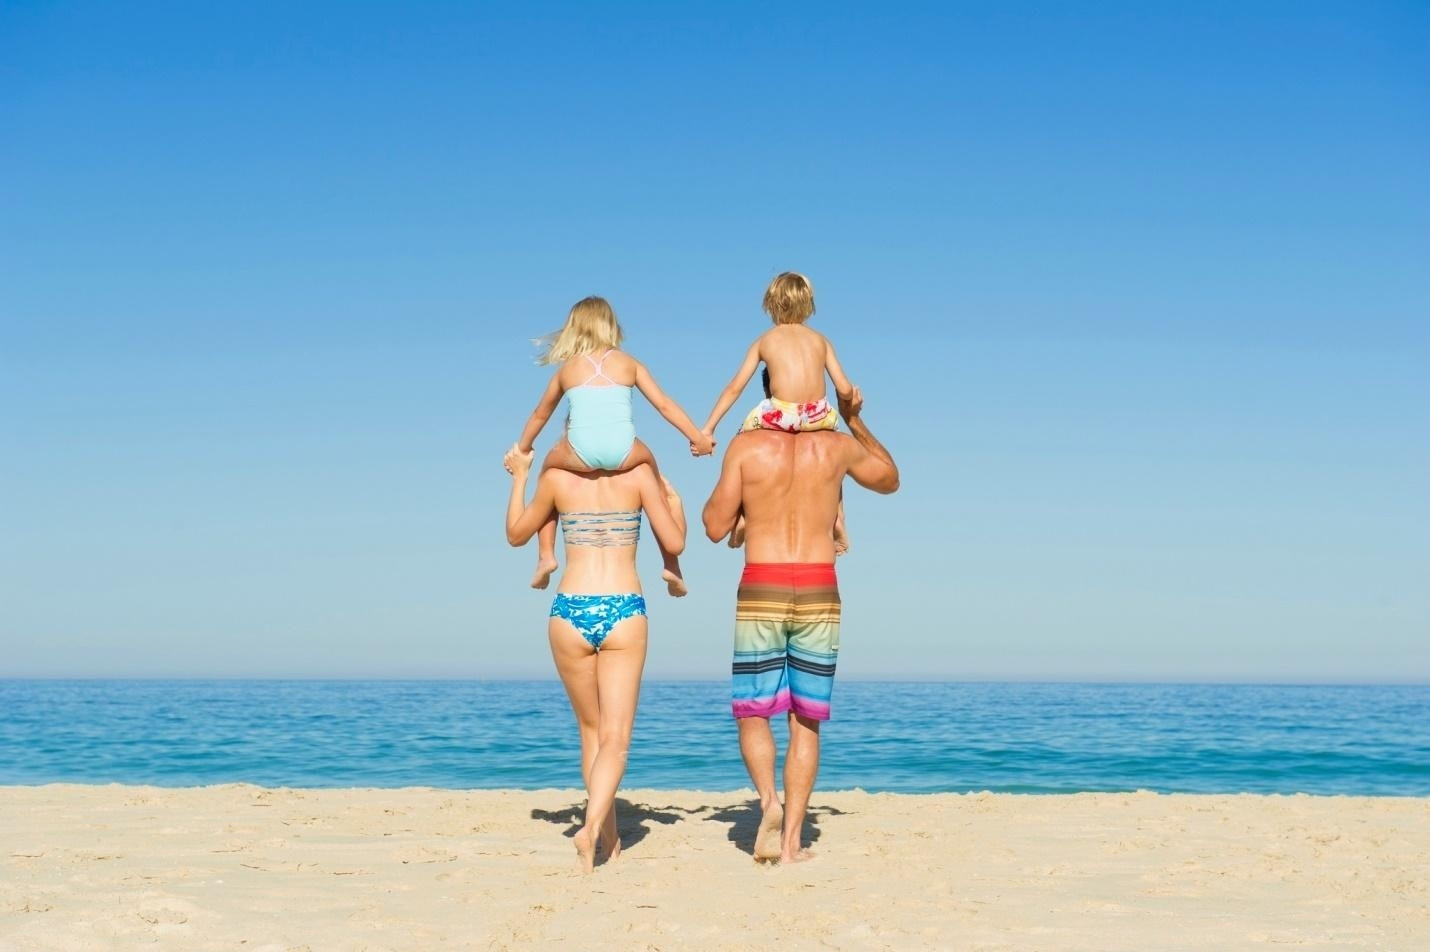 Kinh nghiệm khi đi tắm biển ở Nha Trang - ảnh 1